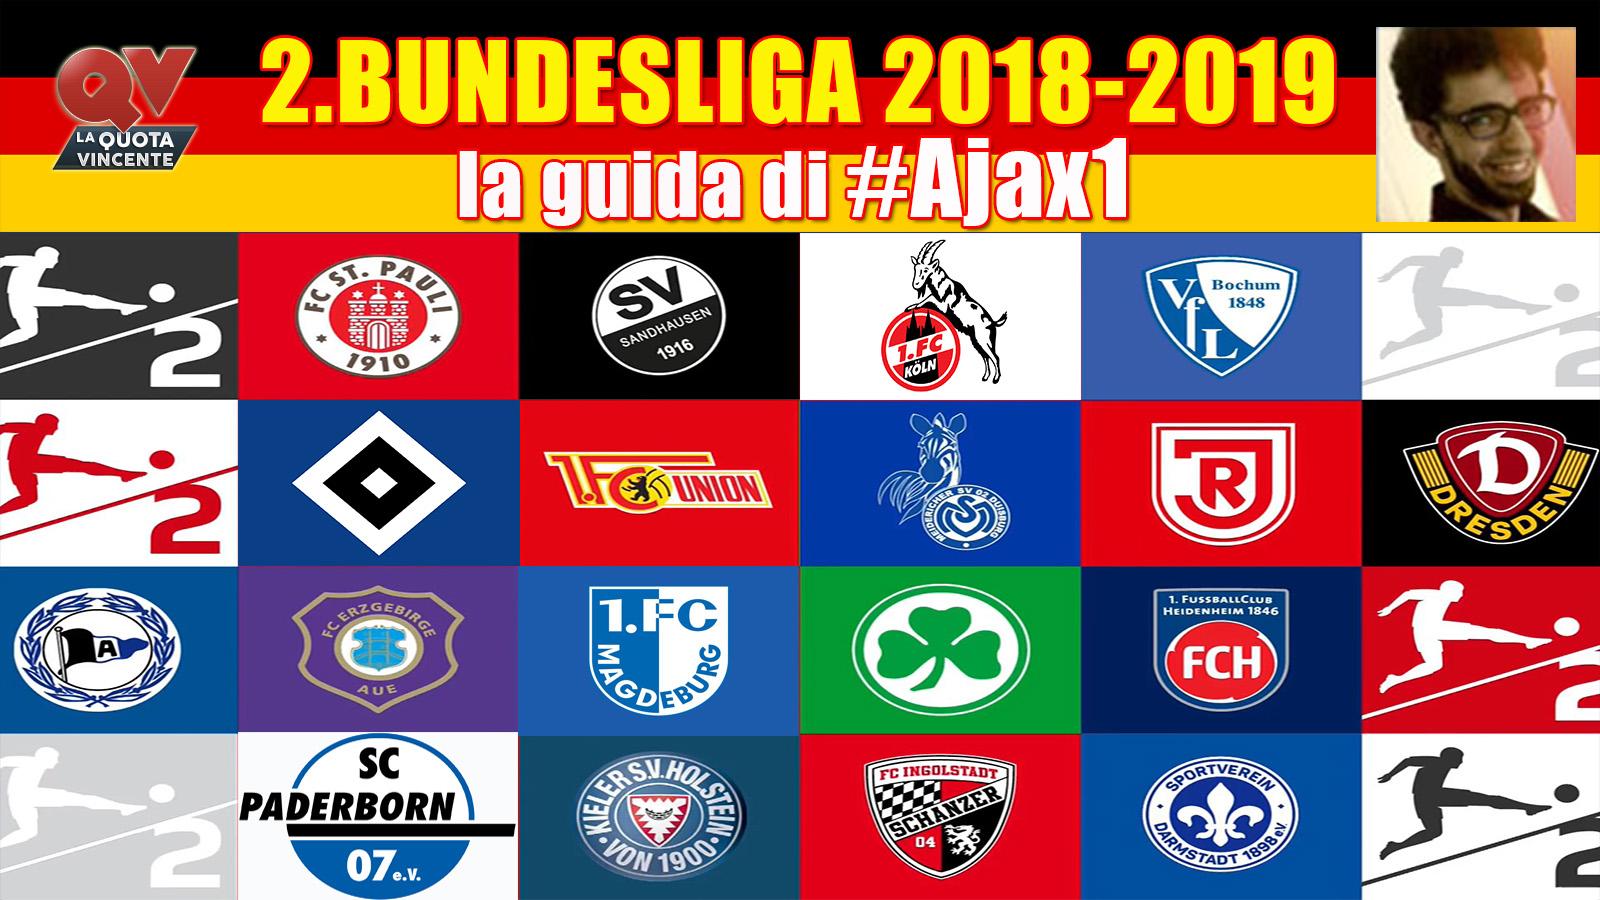 2.Bundesliga 2018-2019 guida